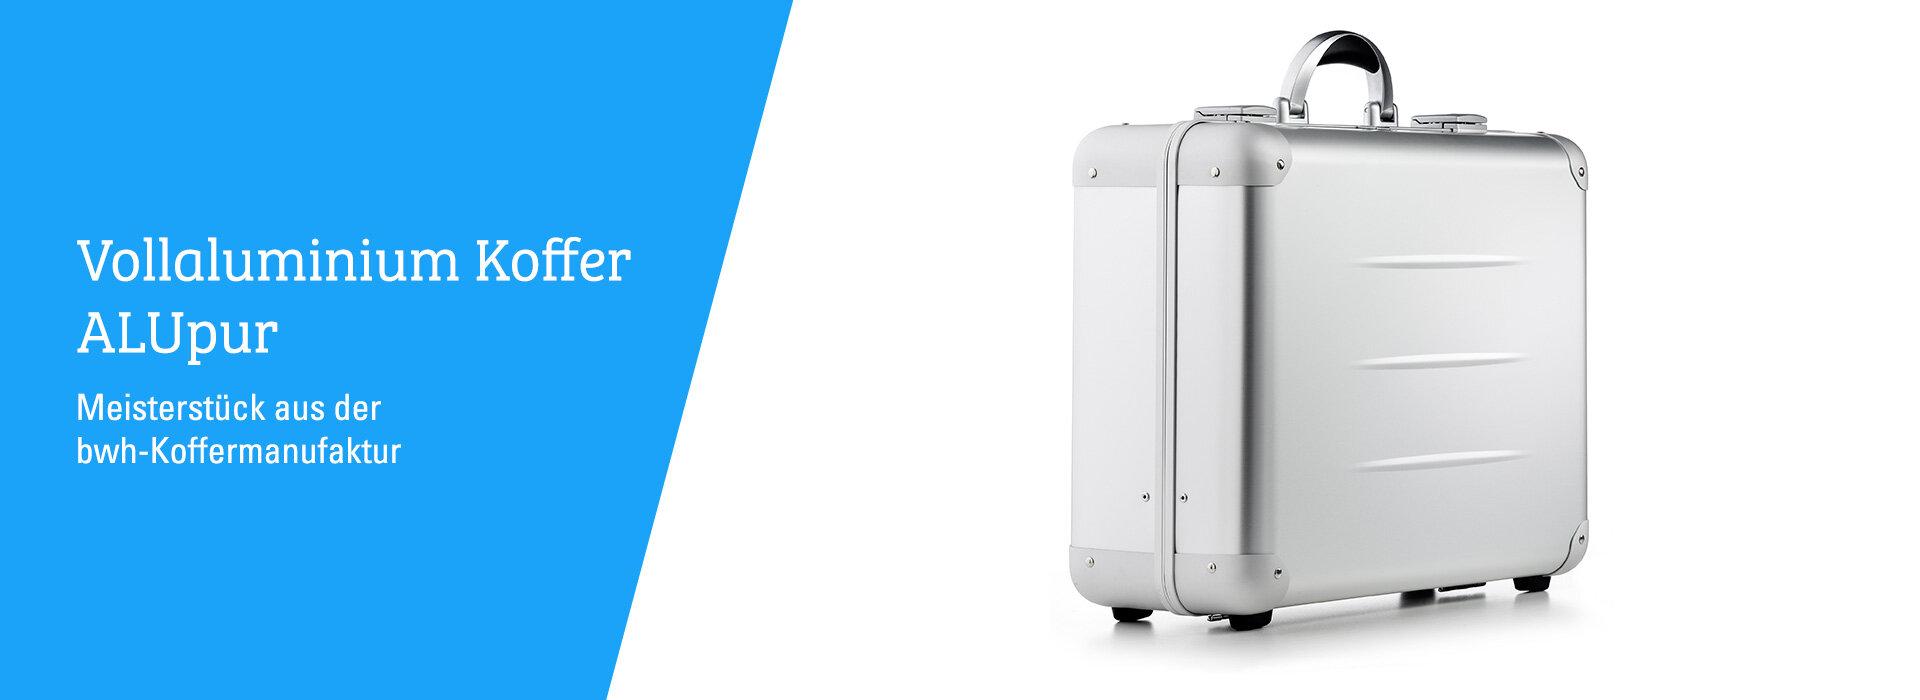 Vollaluminium Koffer ALUpur